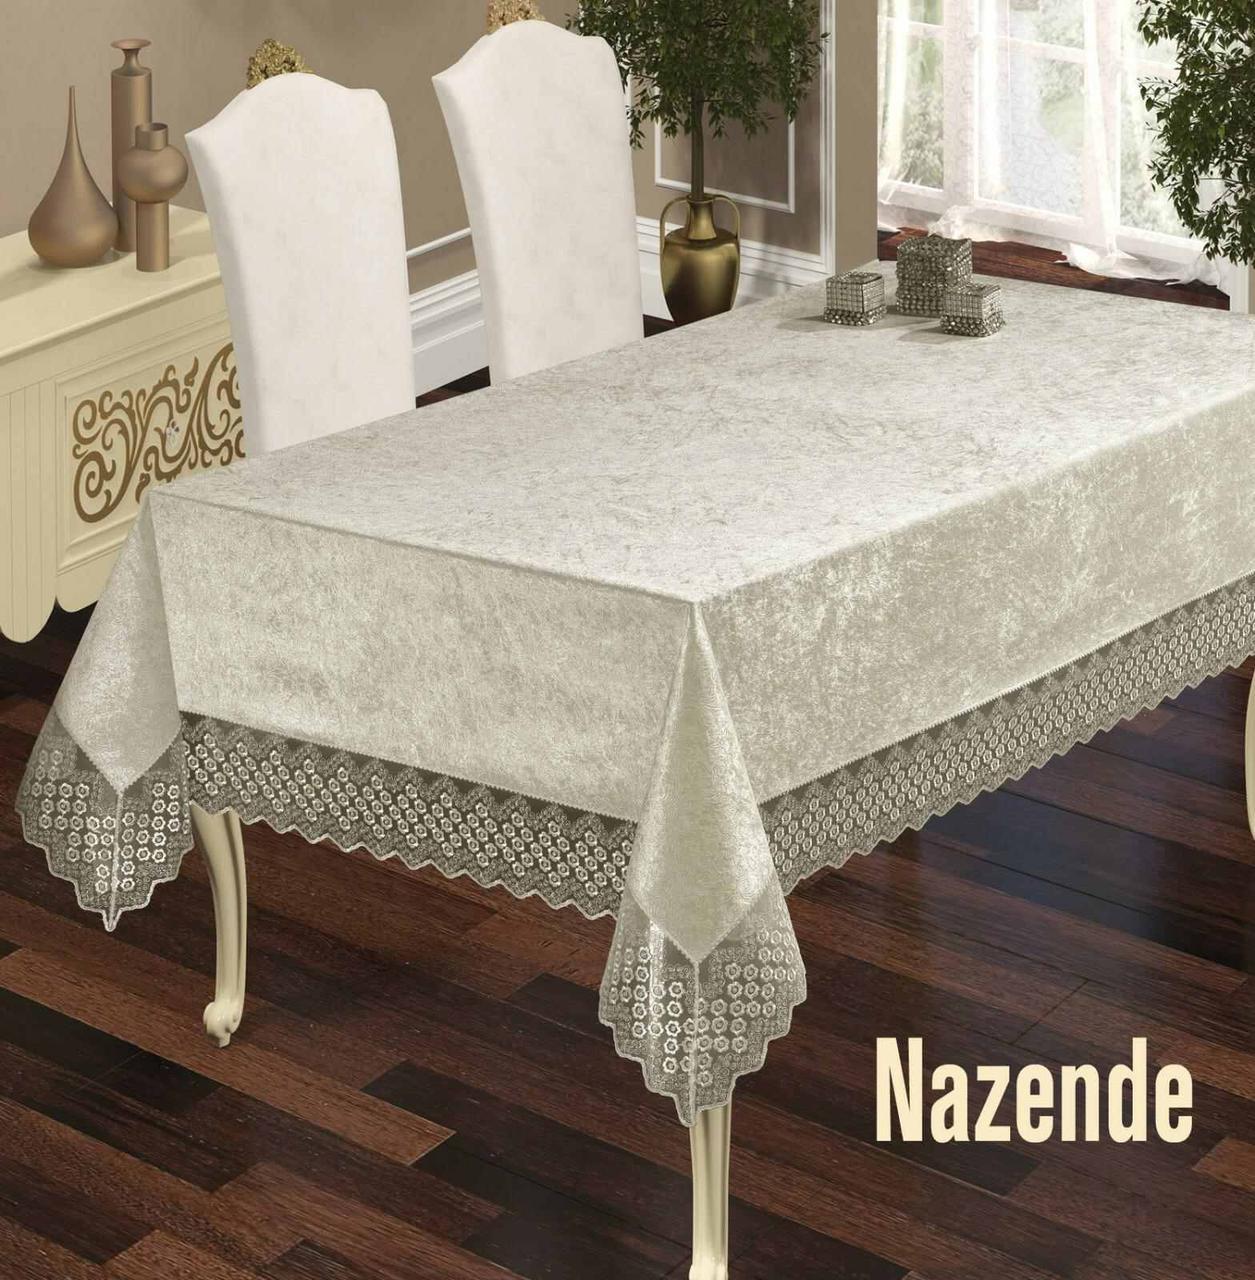 Скатертина Велюр Maison Royale 160x350 Nazende Cream